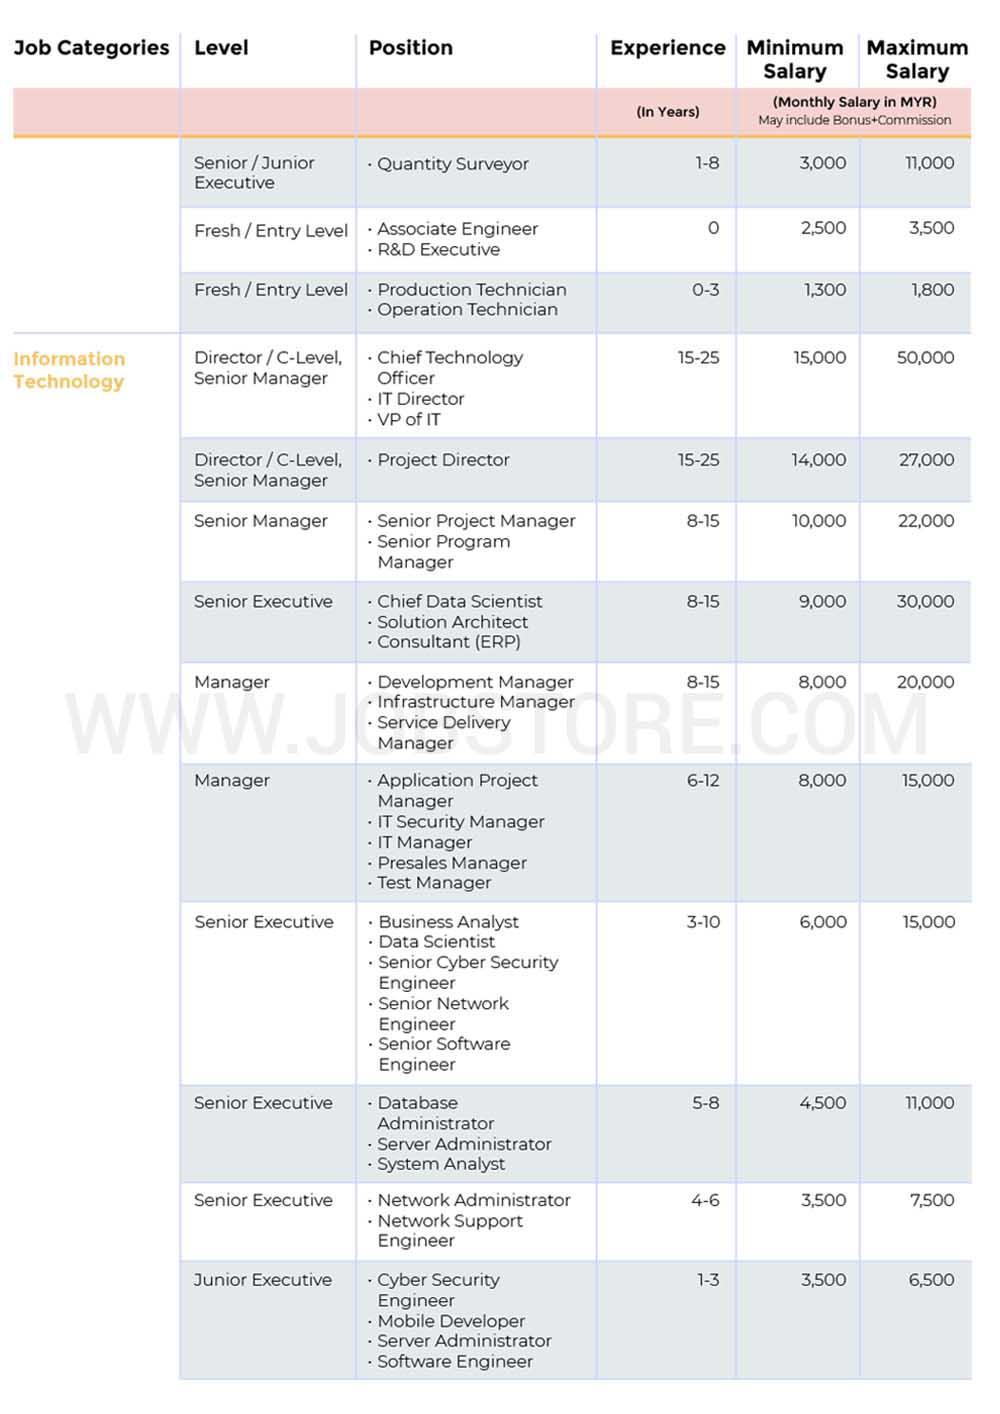 6 Bidang Kerja Yang Mendapat Permintaan Tinggi Di Malaysia Majalah Labur